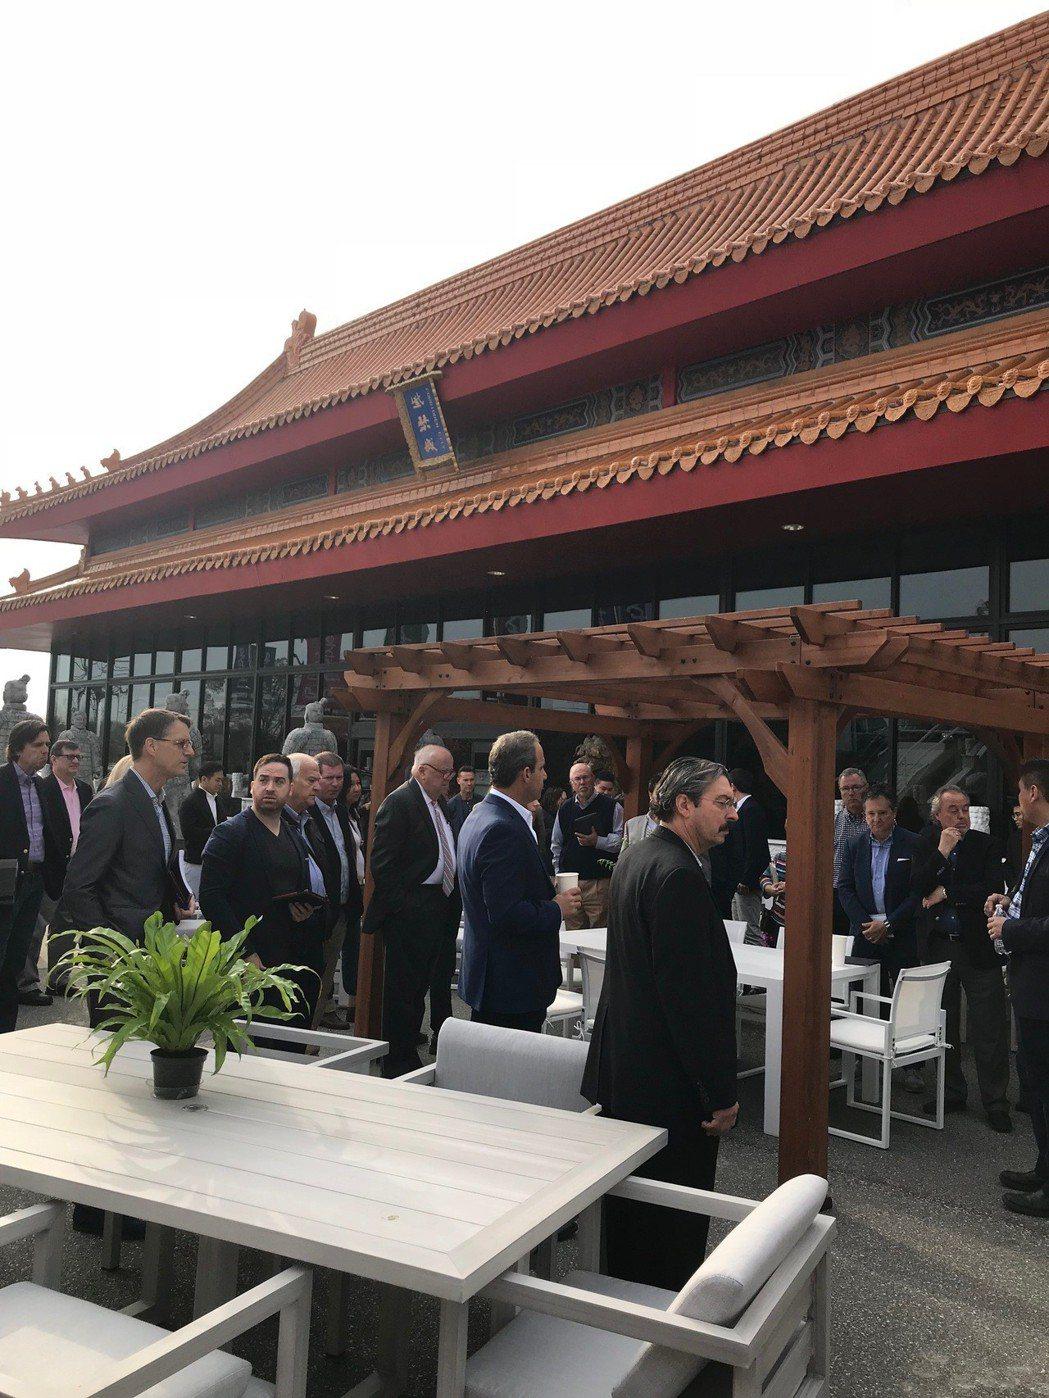 來思達在北卡州高點市的紫禁城展廳以中國風打造。 記者嚴雅芳/攝影